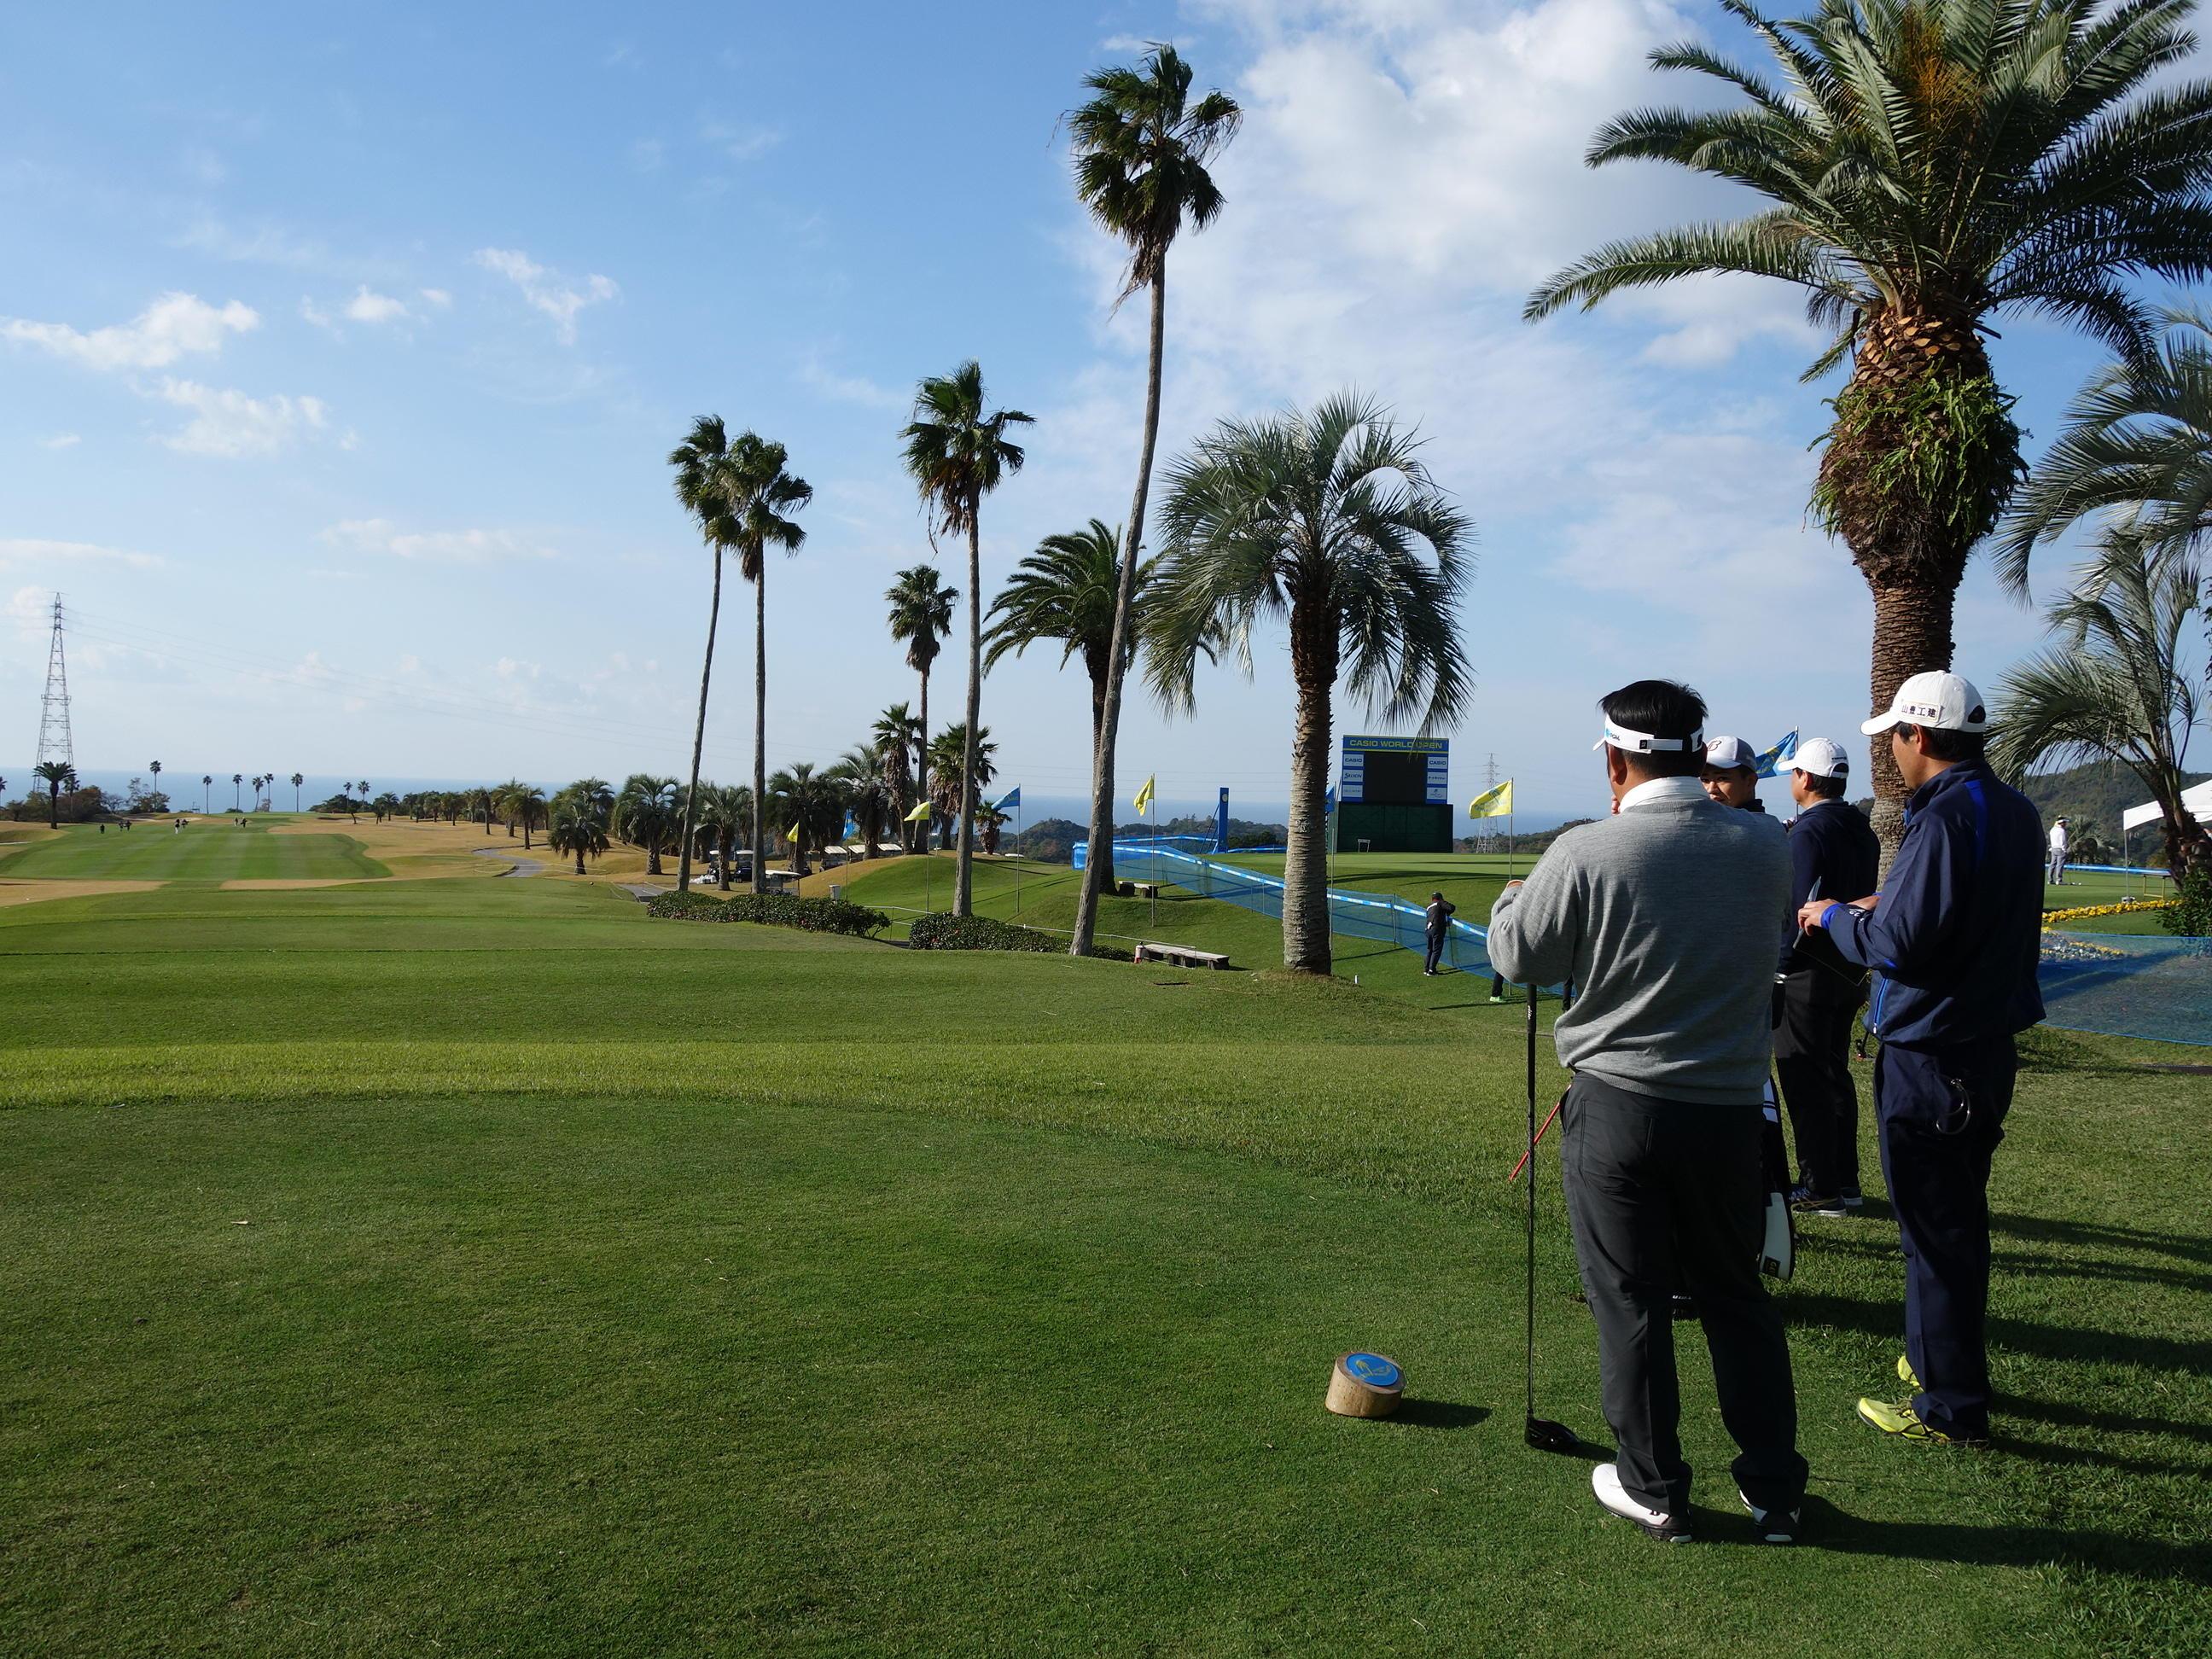 http://www.bs-golf.com/pro/6d13fa079cdd2d8621470f35728d8e76ff791c6a.JPG